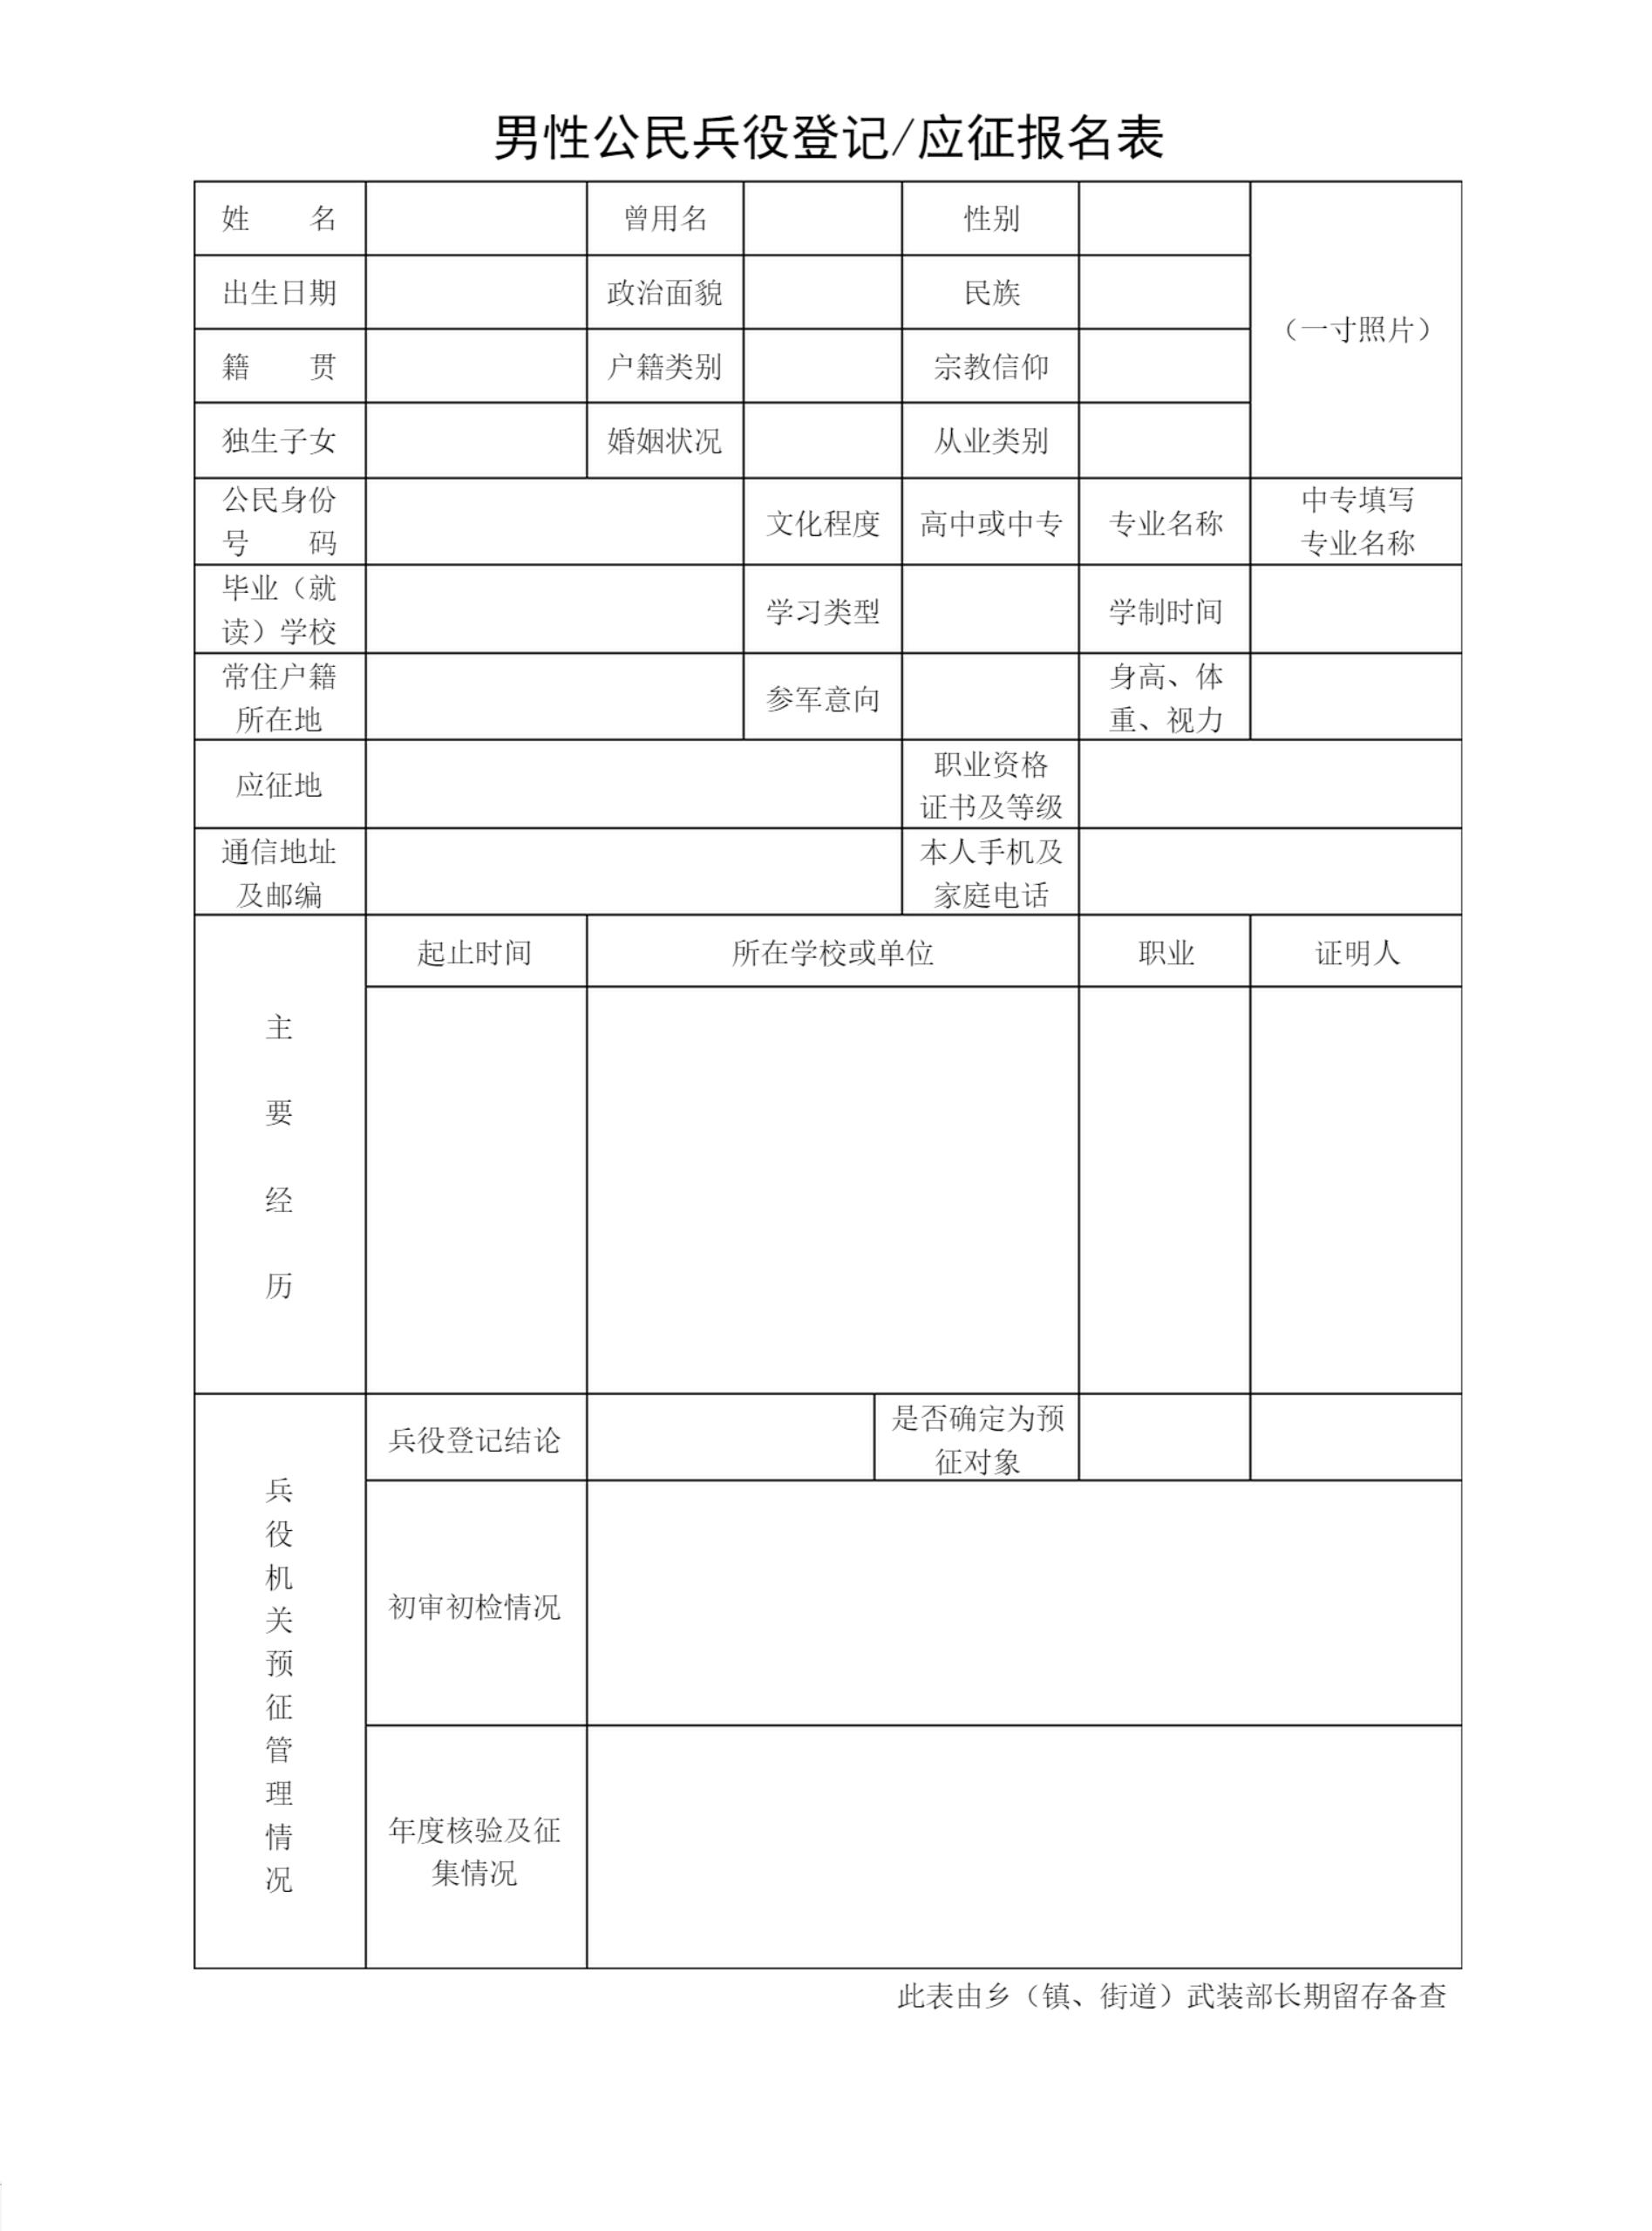 兵役登记_男性公民兵役登记/应征报名表